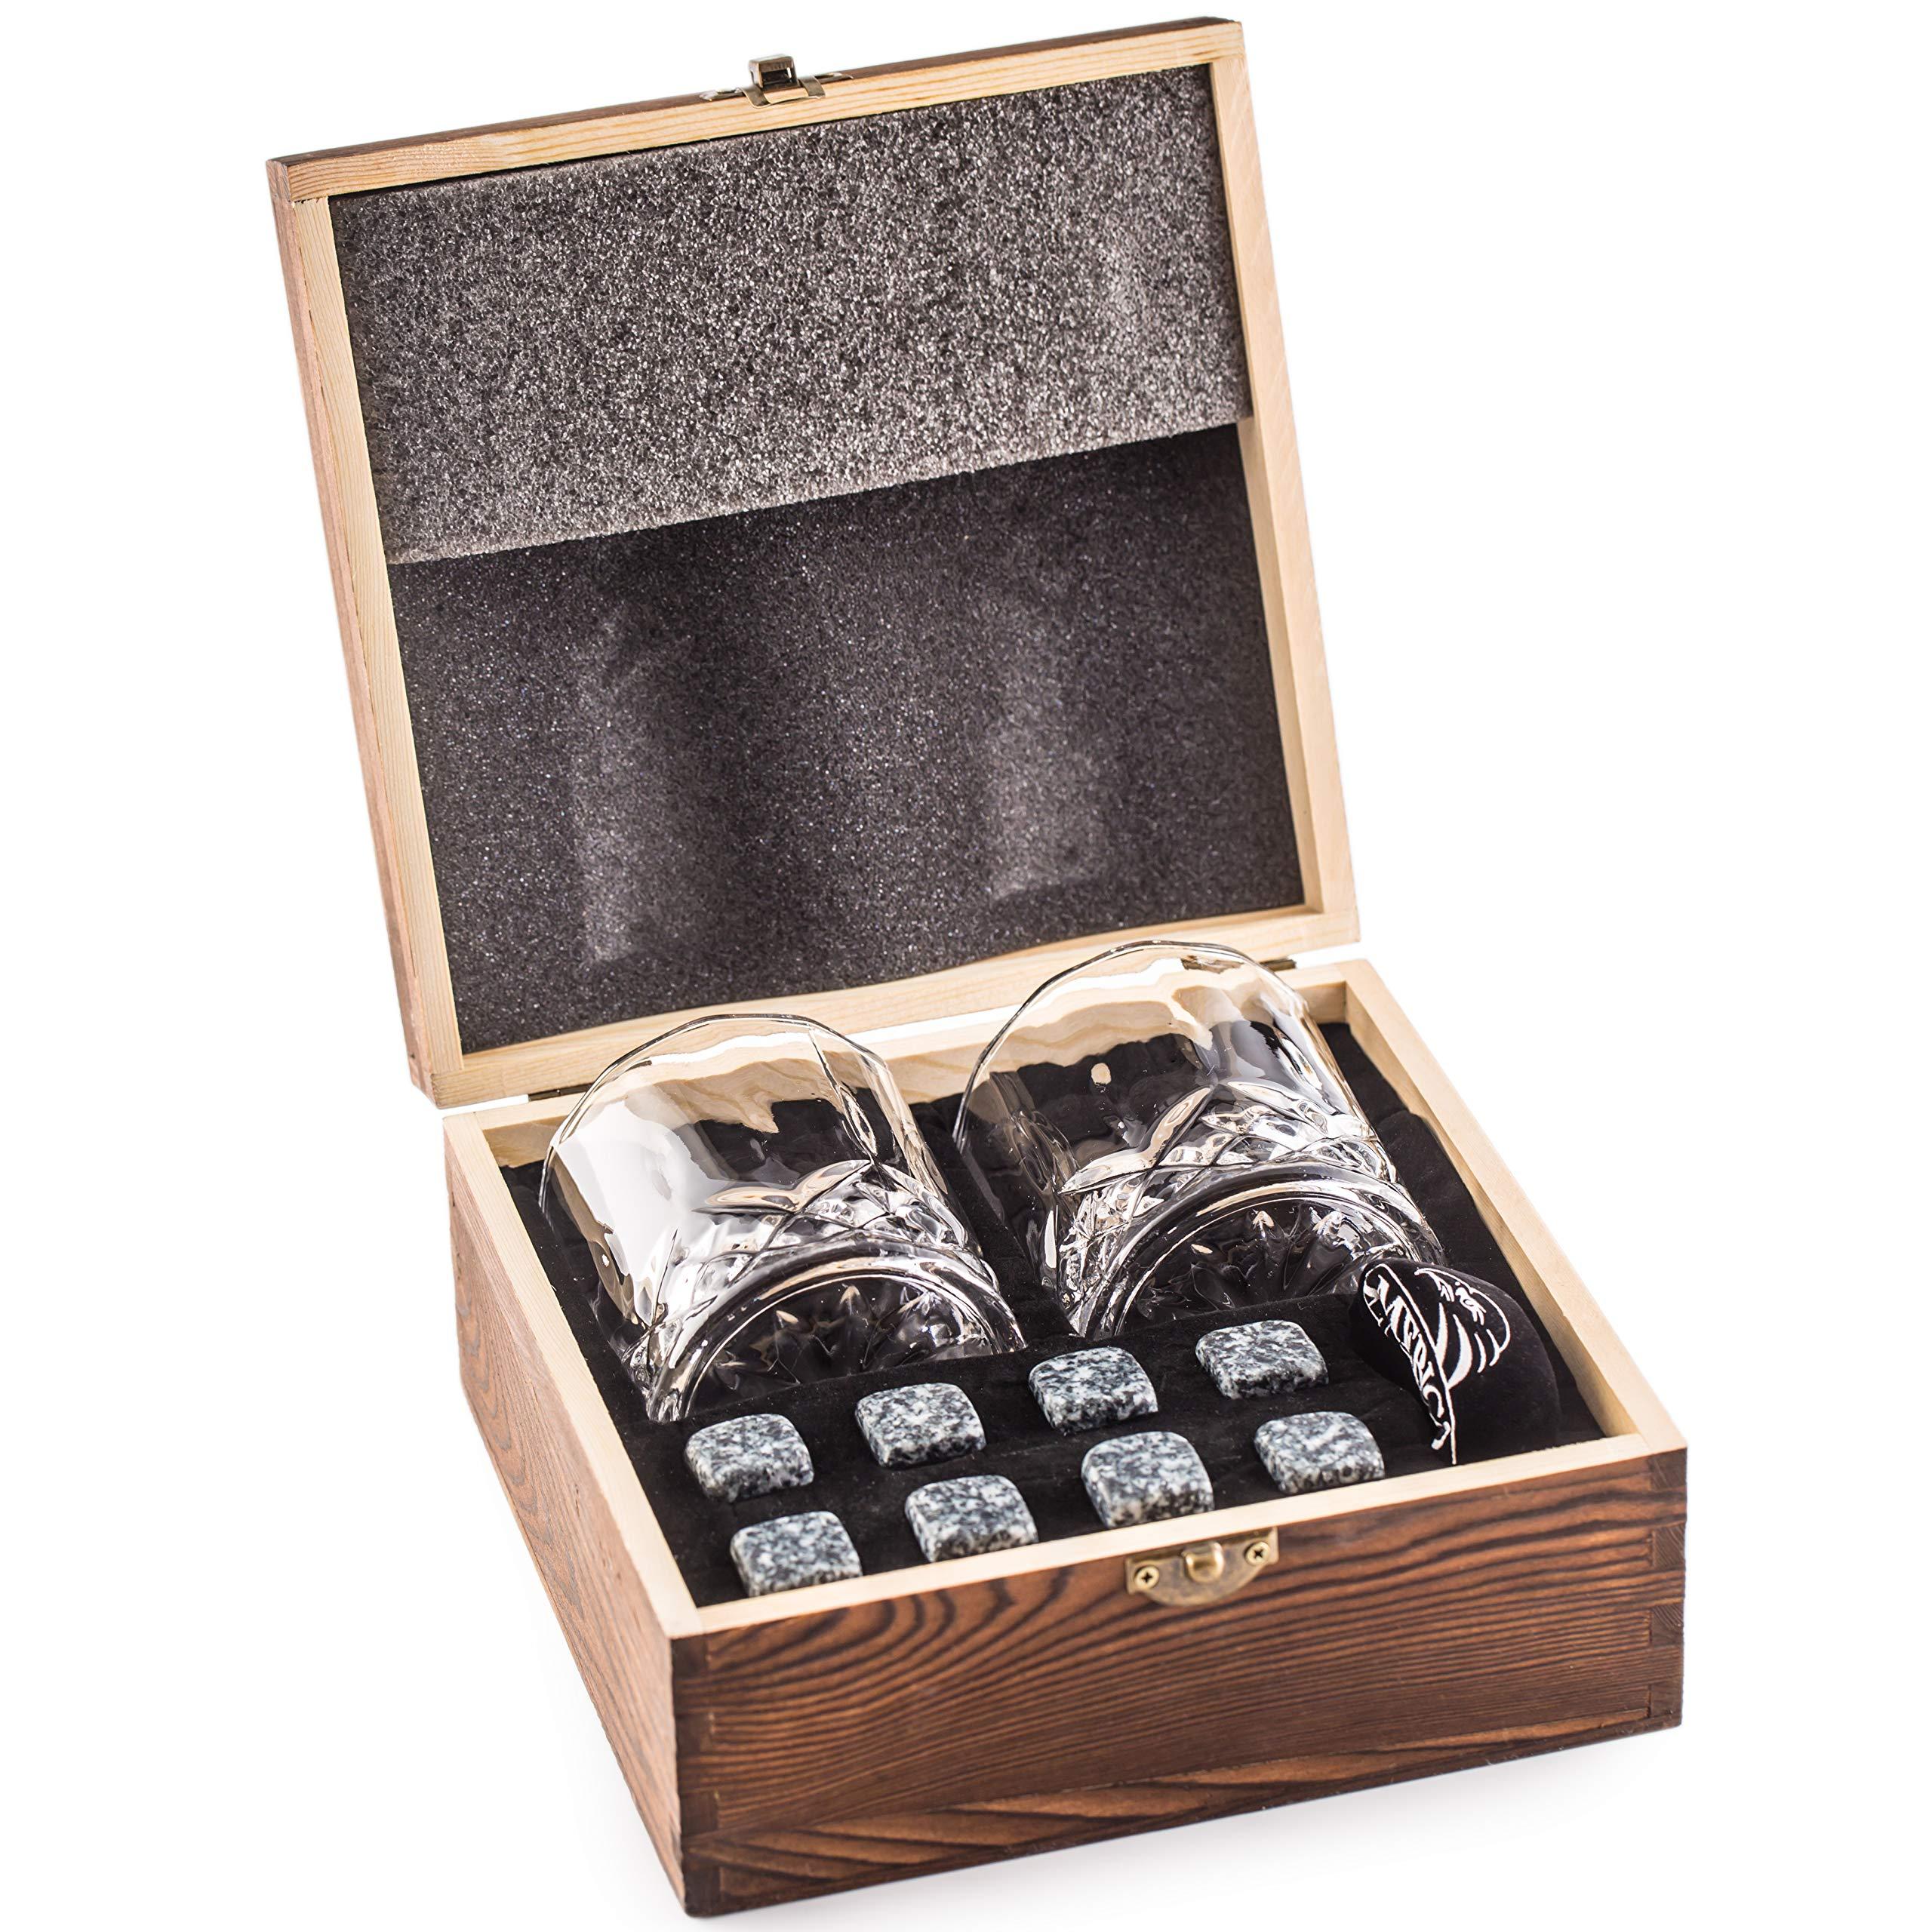 Impressive Whisky Stones Gift Glasses